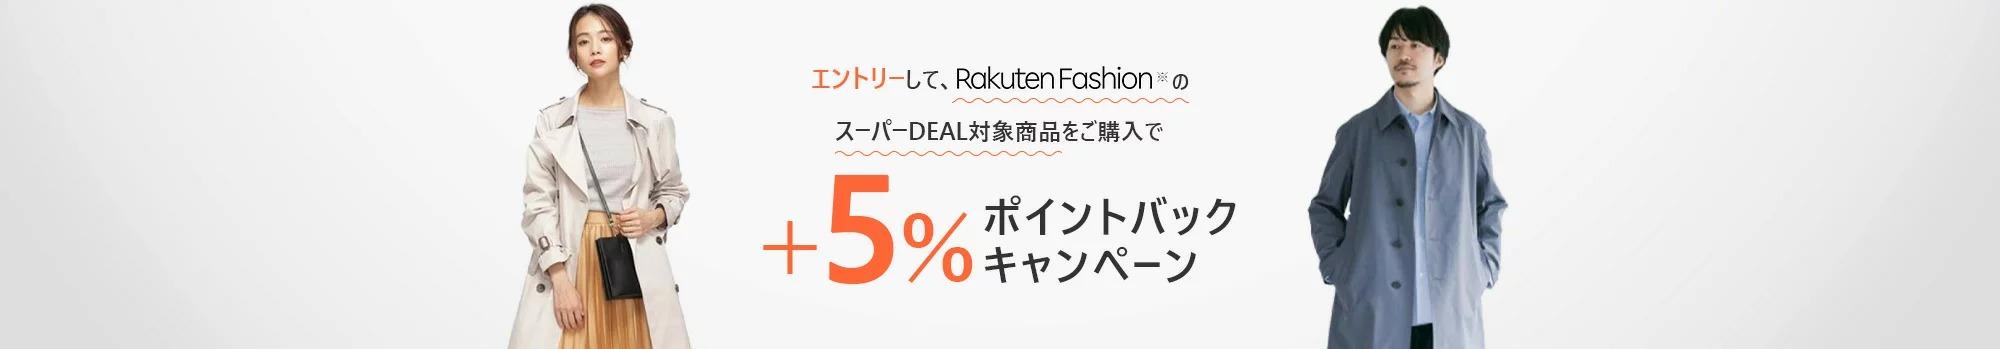 楽天ファッションでDEAL対象品が+5%ポイント付与。~明日10時。